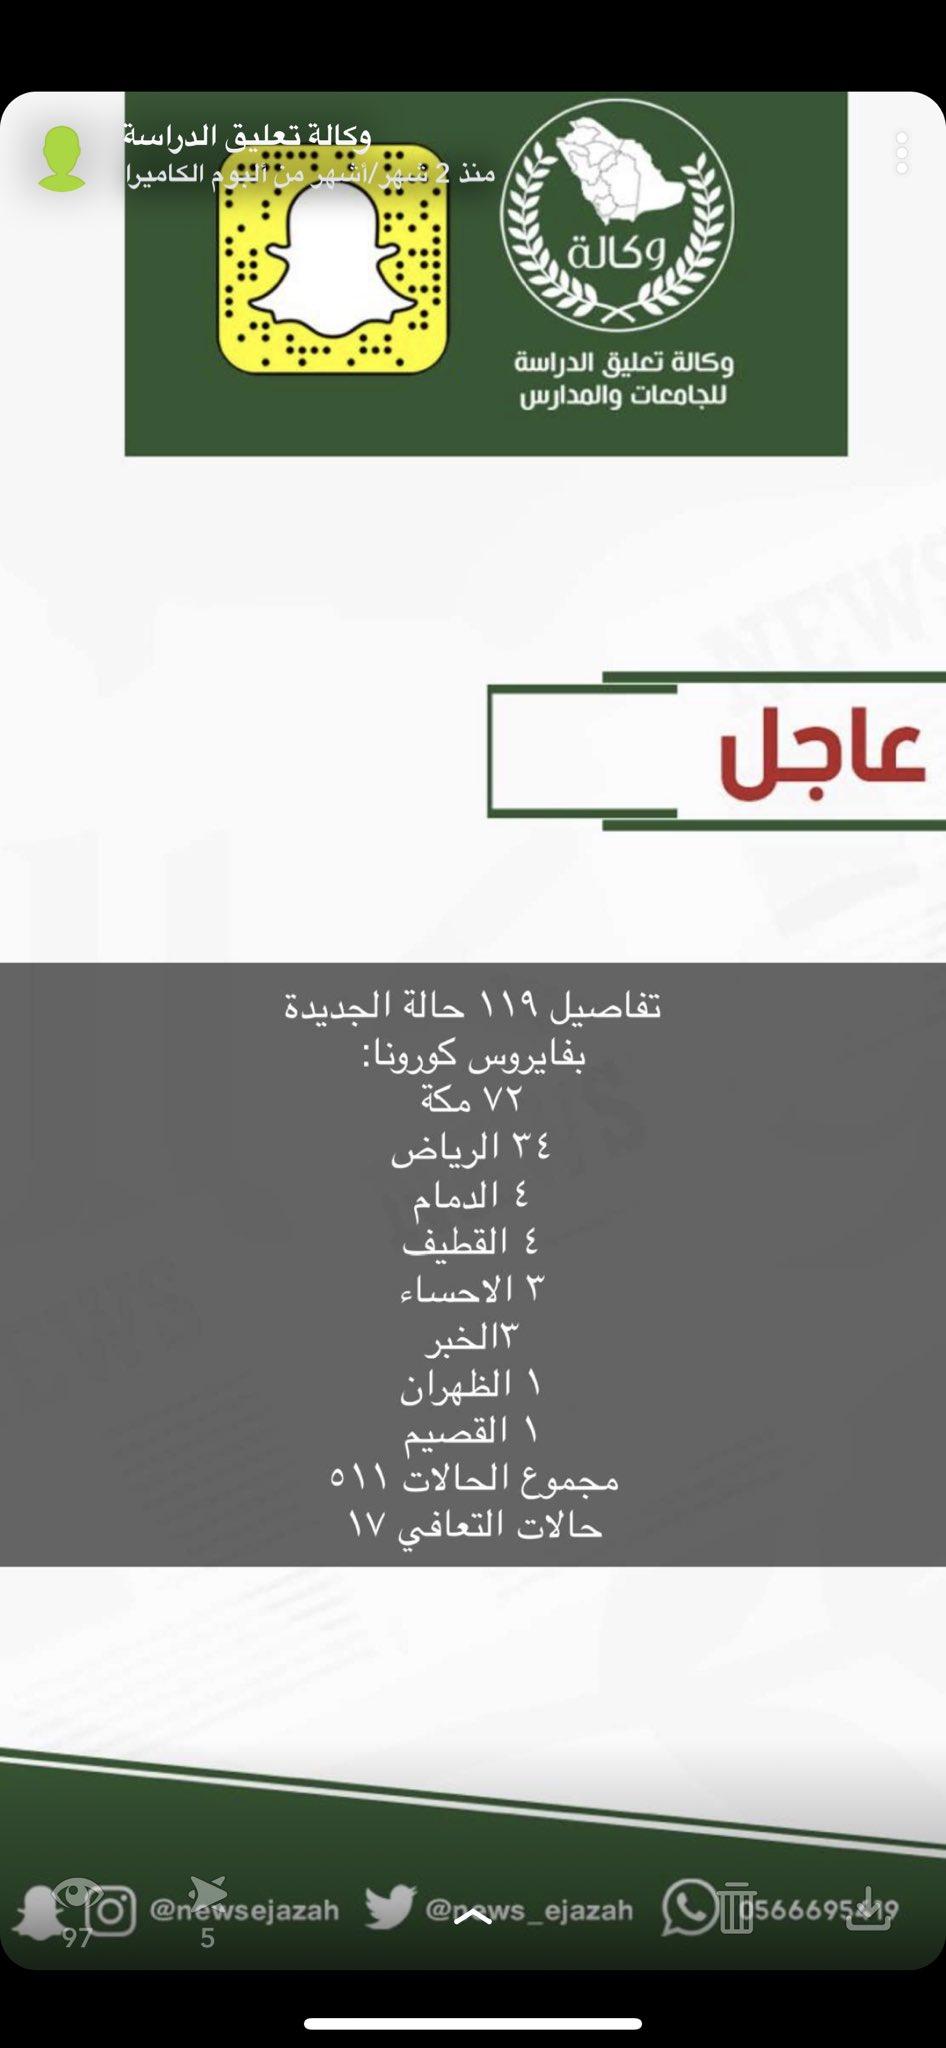 تضارب حول تعليق الدراسة بين تغريدة واس وجامعة القصيم صحيفة المواطن الإلكترونية 2017 03 19